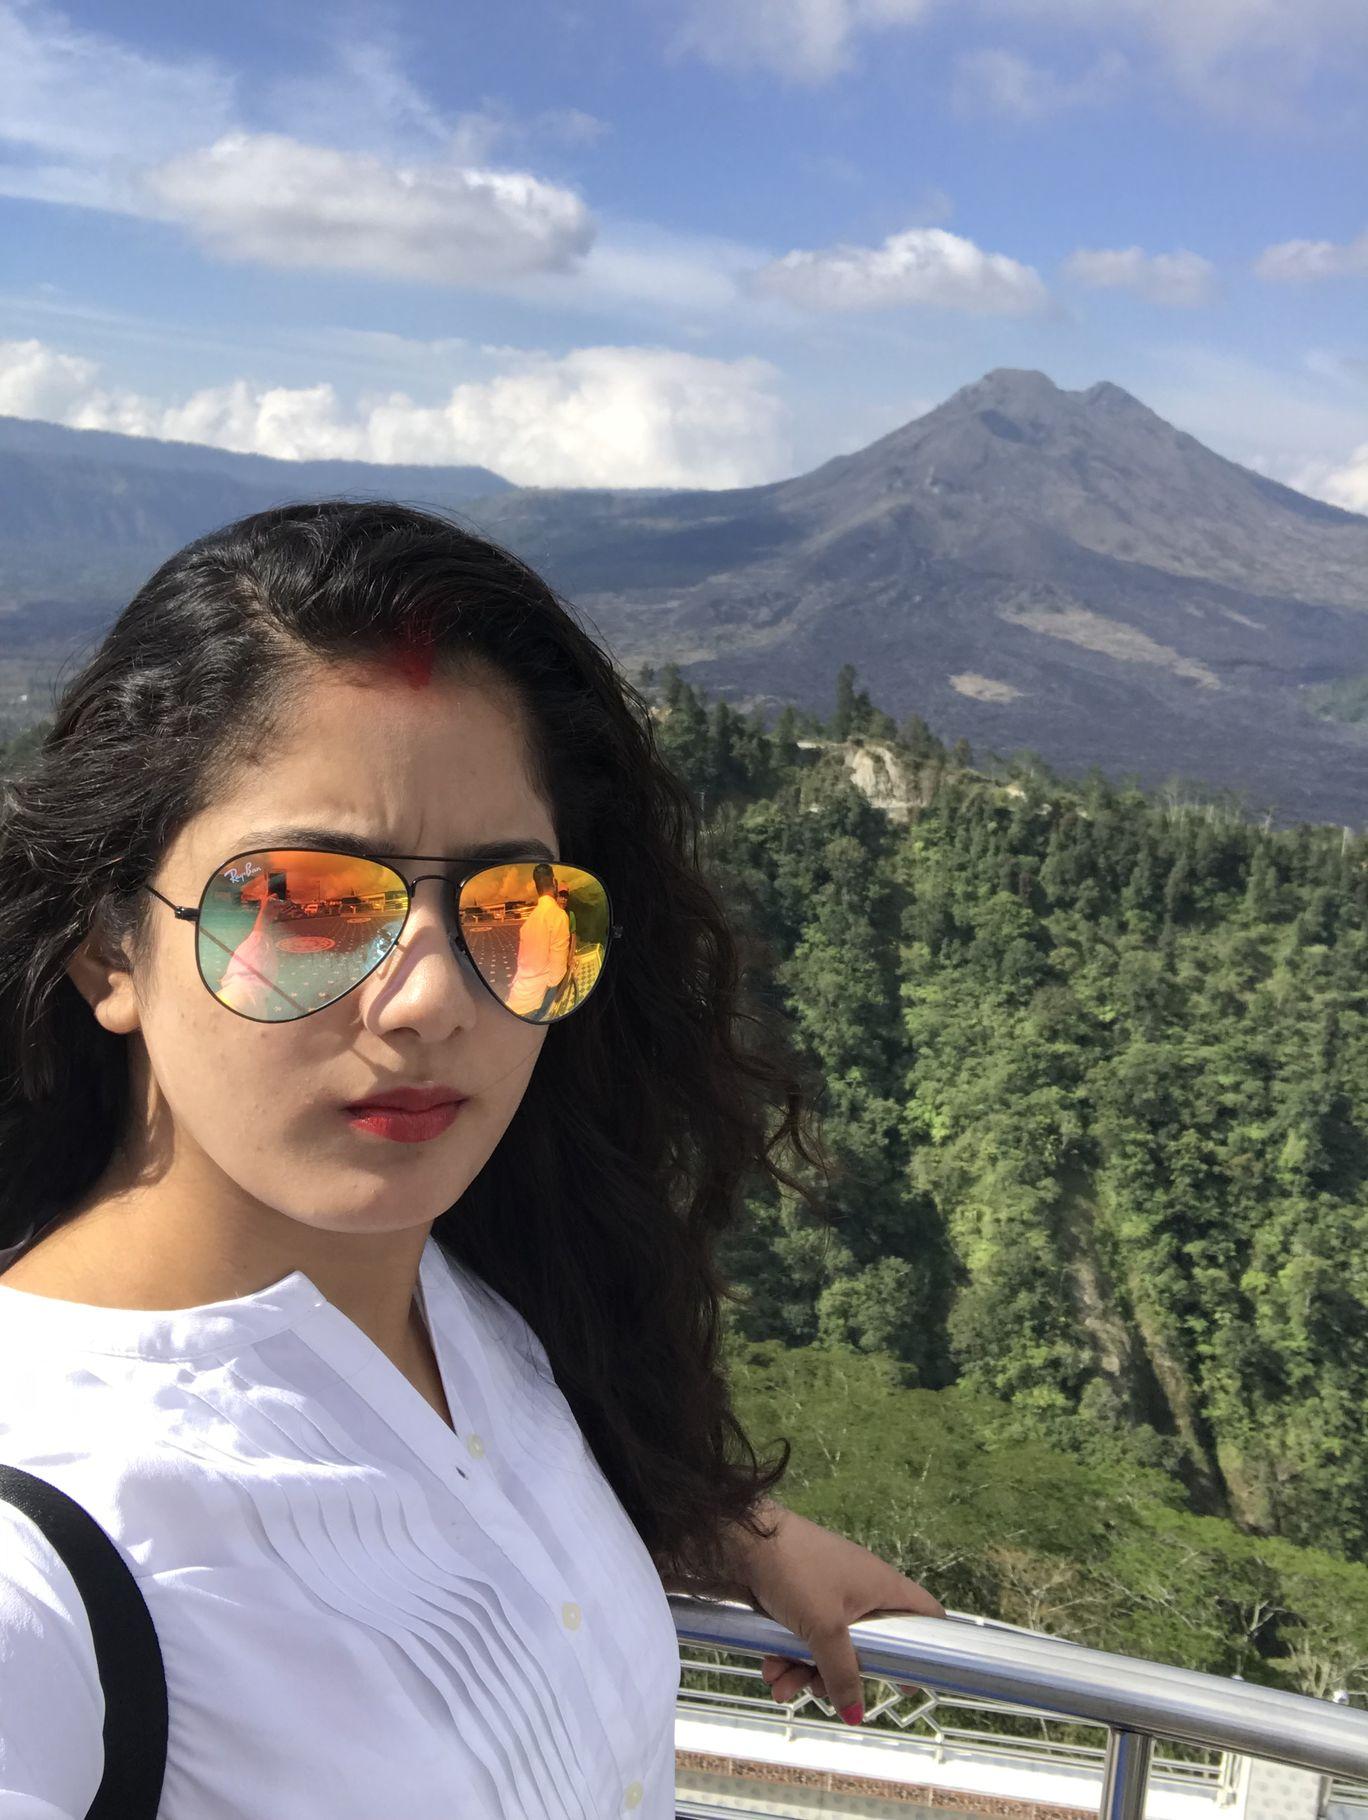 Photo of Mount Batur By Shailja Bisen